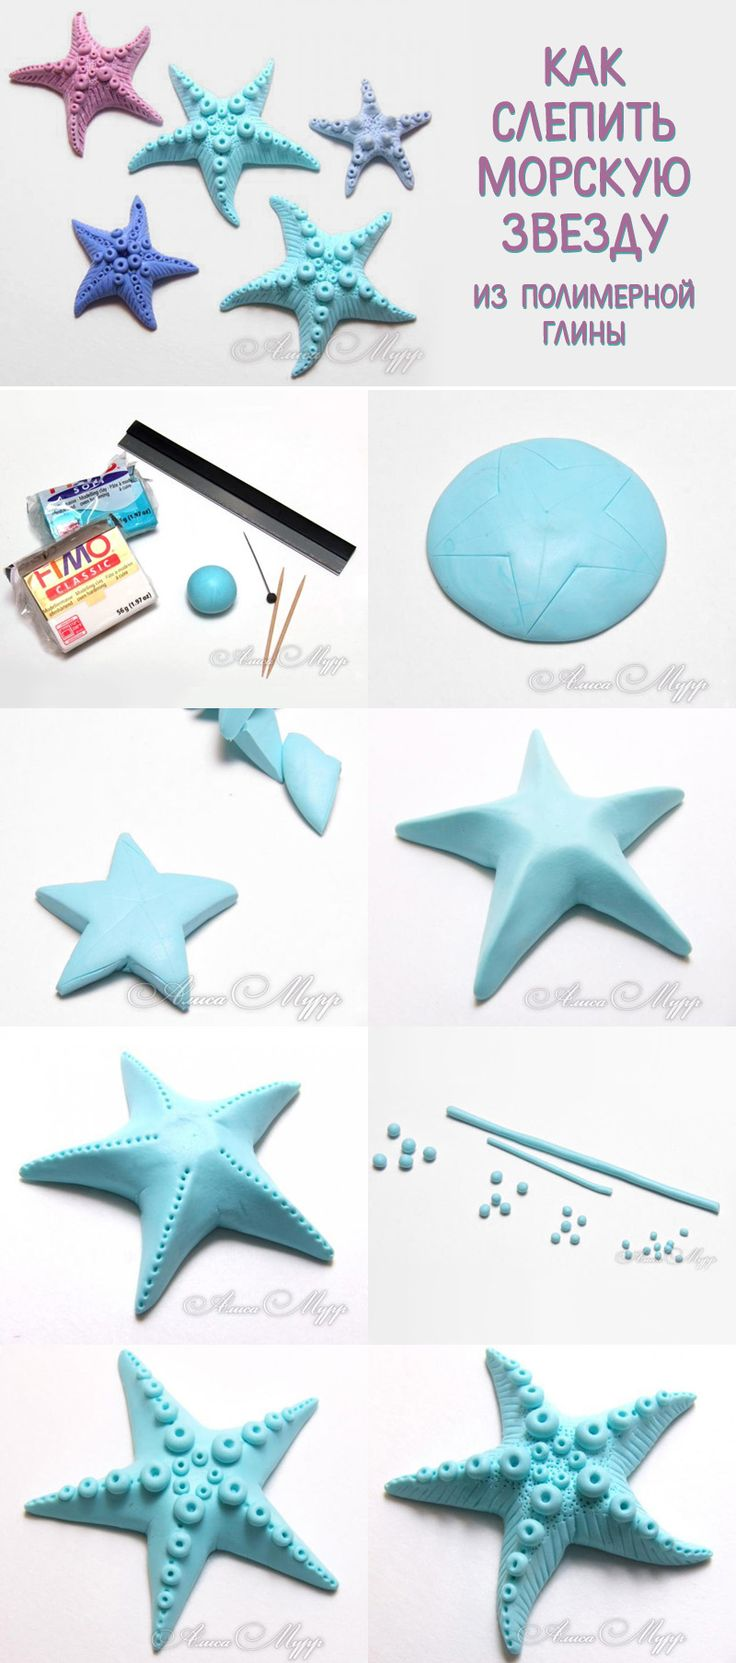 Лепим морскую звезду из полимерной глины / Polymer clay starfish